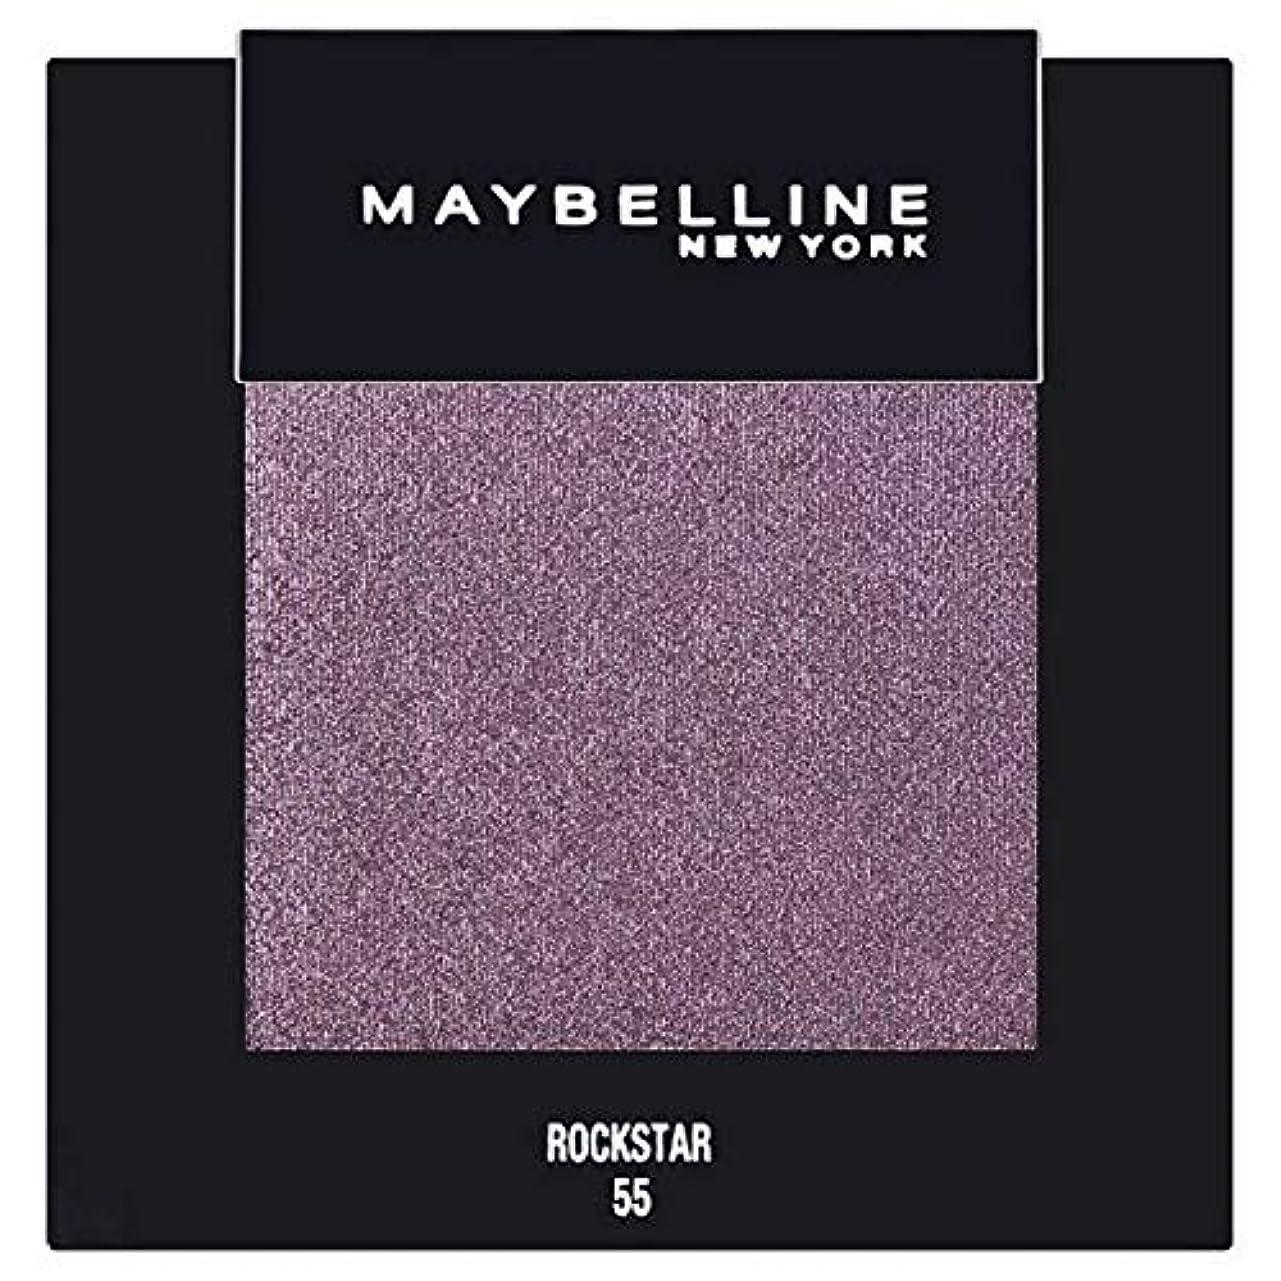 汚れる達成するくつろぐ[Maybelline ] メイベリンカラーショーシングルアイシャドウ55ロックスター - Maybelline Color Show Single Eyeshadow 55 Rockstar [並行輸入品]